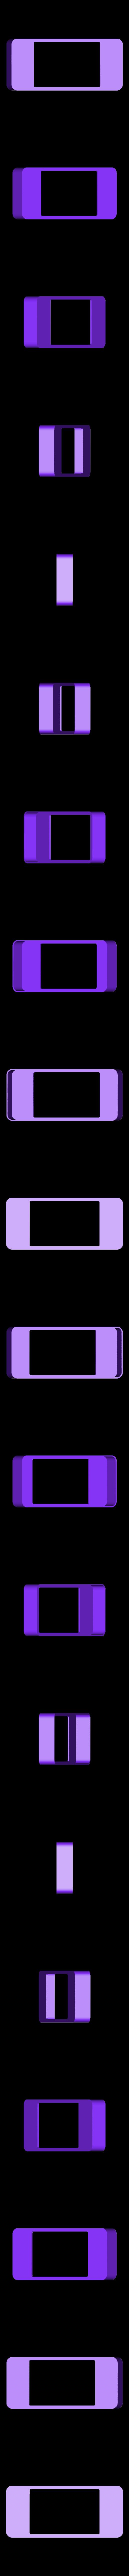 Part2.stl Télécharger fichier STL gratuit Adaptateur de filtre à charbon pour Flashforge Dreamer • Modèle pour imprimante 3D, DK7